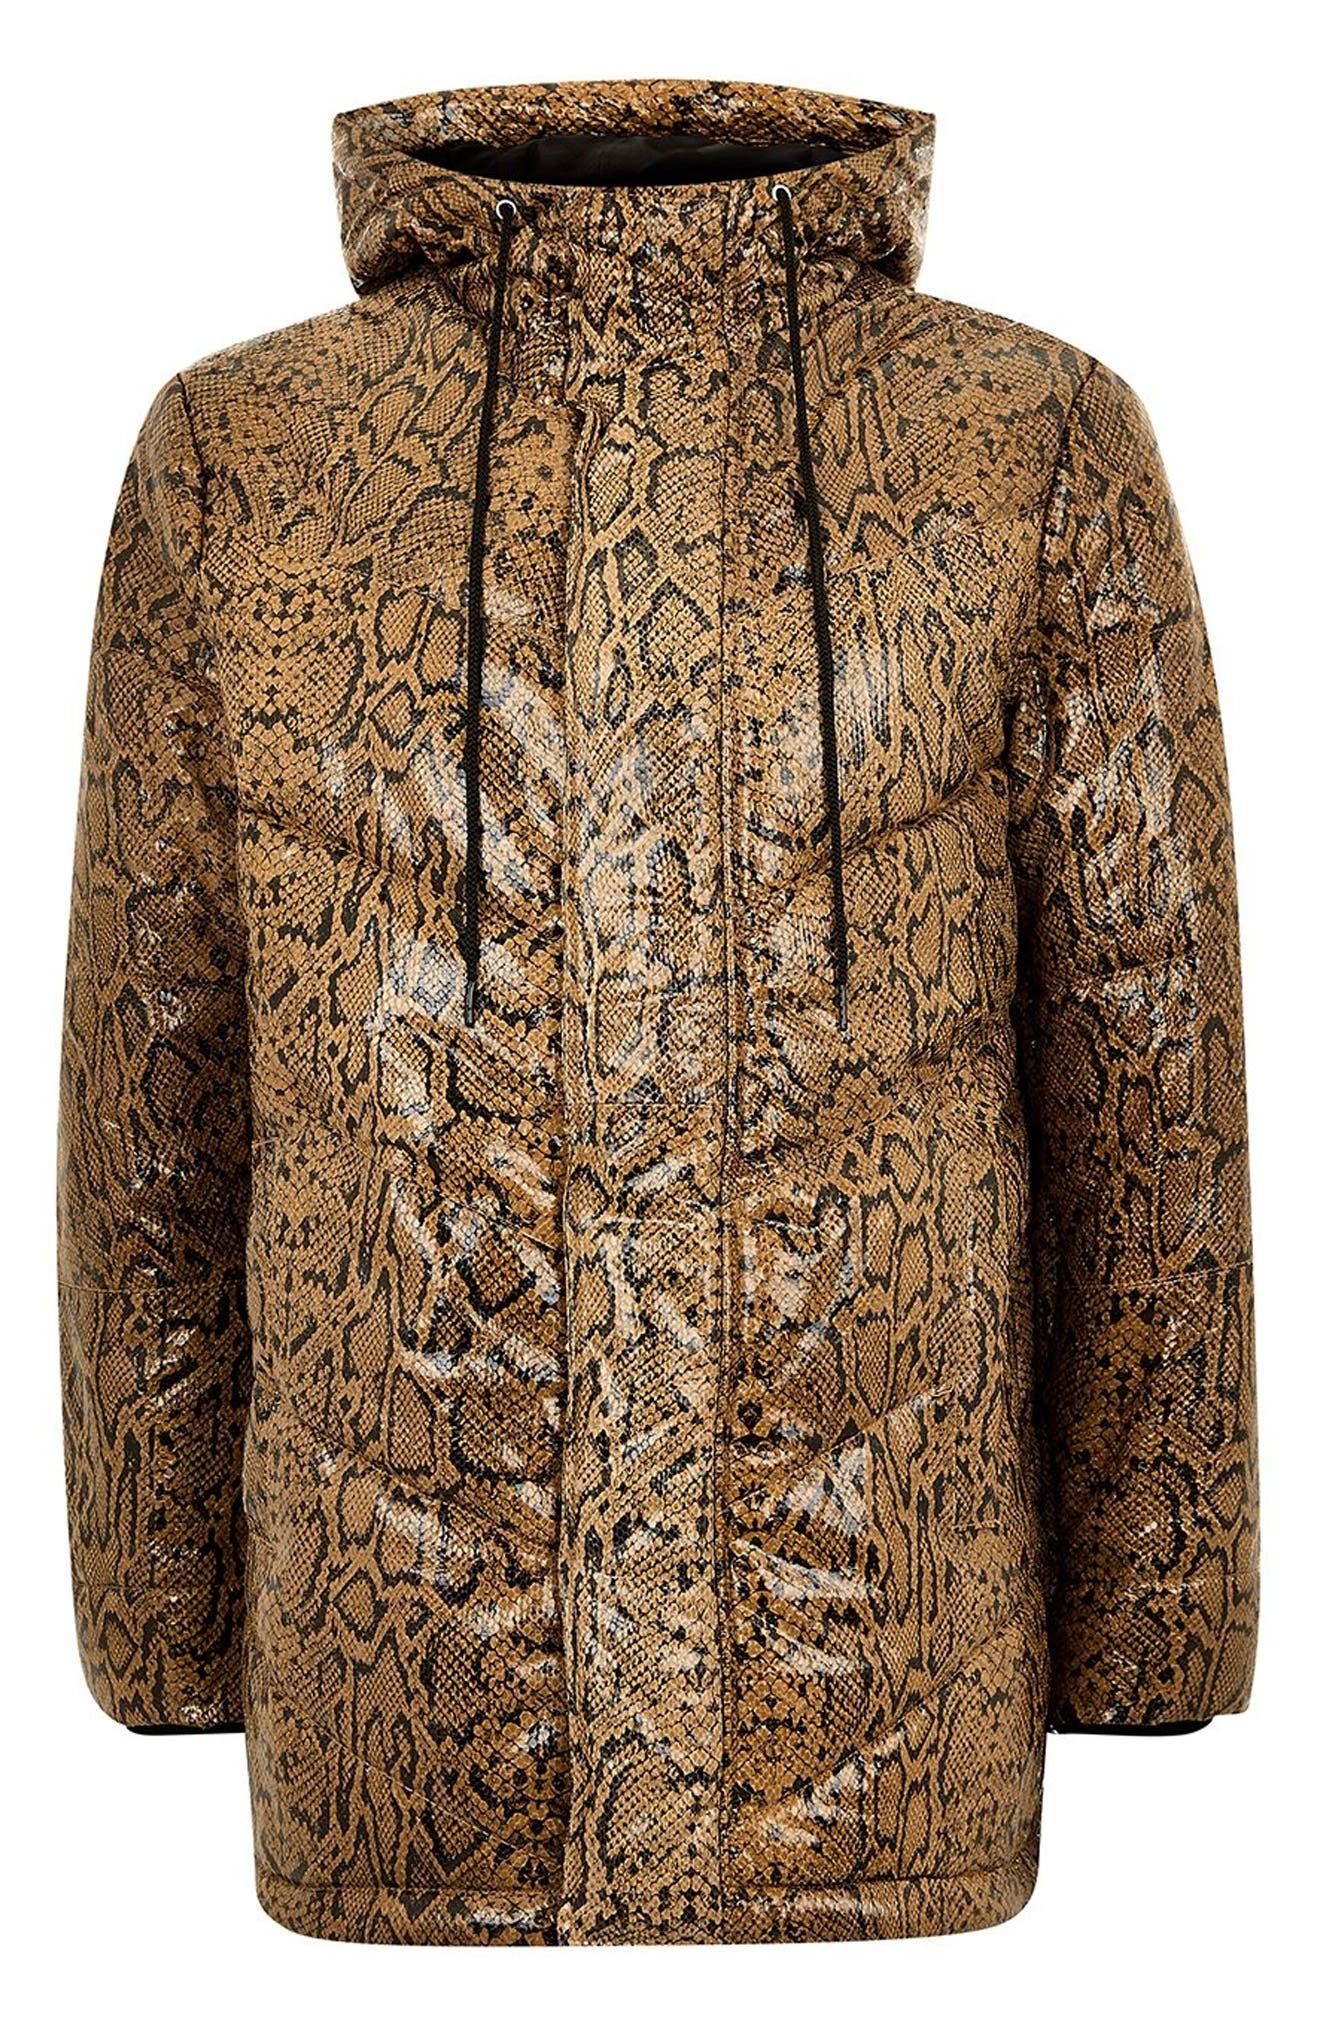 Snakeskin Print Leather Puffer Coat,                             Alternate thumbnail 2, color,                             200